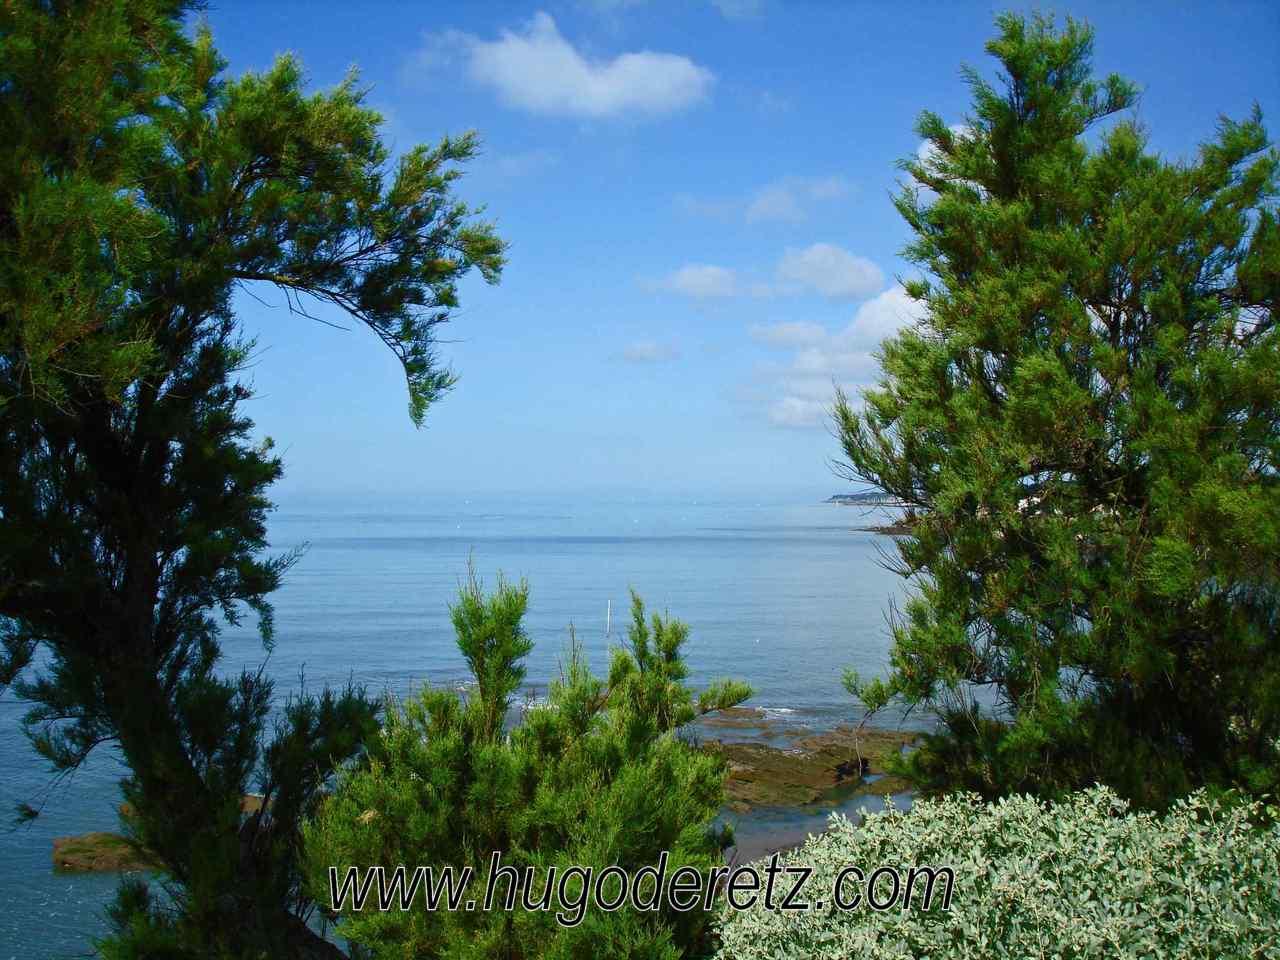 Ce très beau littoral qui ravit de vivre ici !